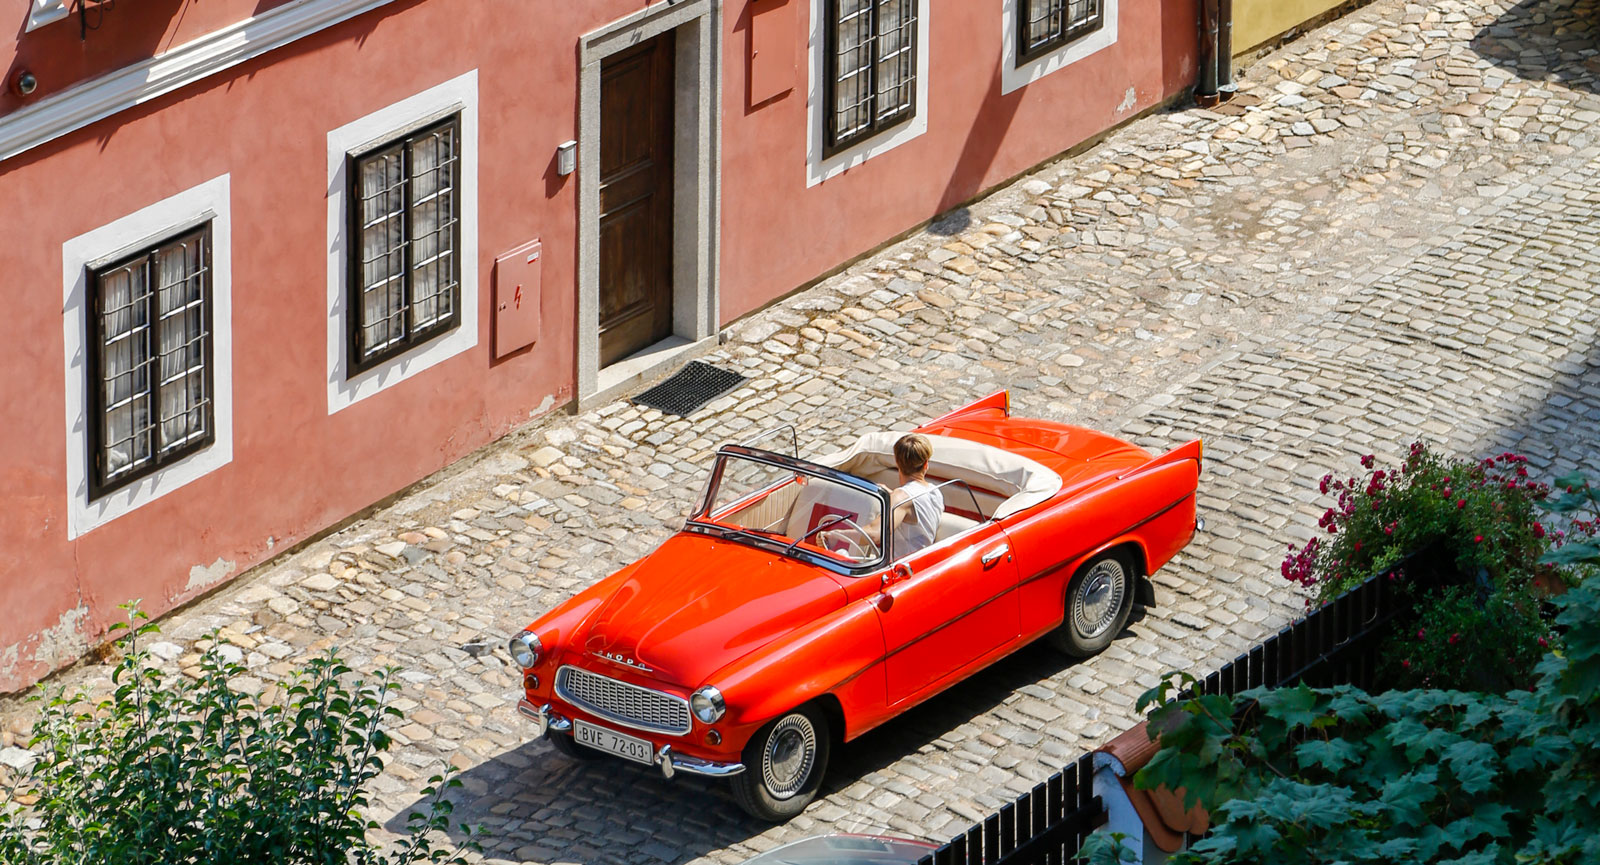 En läckert röd Skoda Felicia cabriolet passar utmärkt i den tjeckiska stadsmiljön. Missa inte UNESCO-staden Cesky Krumlov om du är i Tjeckien!